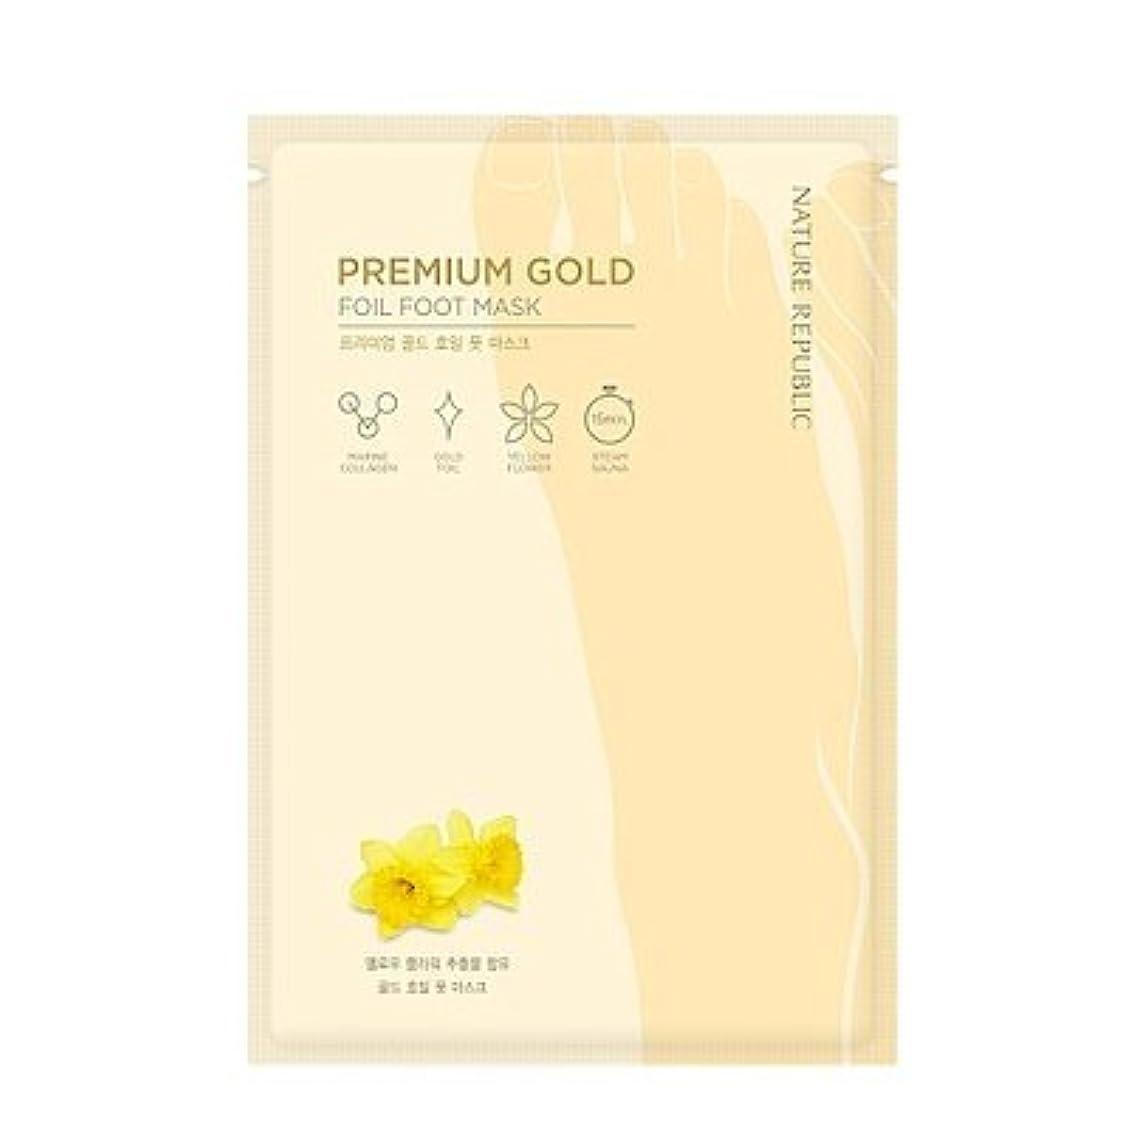 火山の呼吸賄賂NATURE REPUBLIC Premium Gold Foil Foot Mask(3EA) / ネイチャーリパブリックプレミアムゴールドホイルフットマスク(3枚) [並行輸入品]